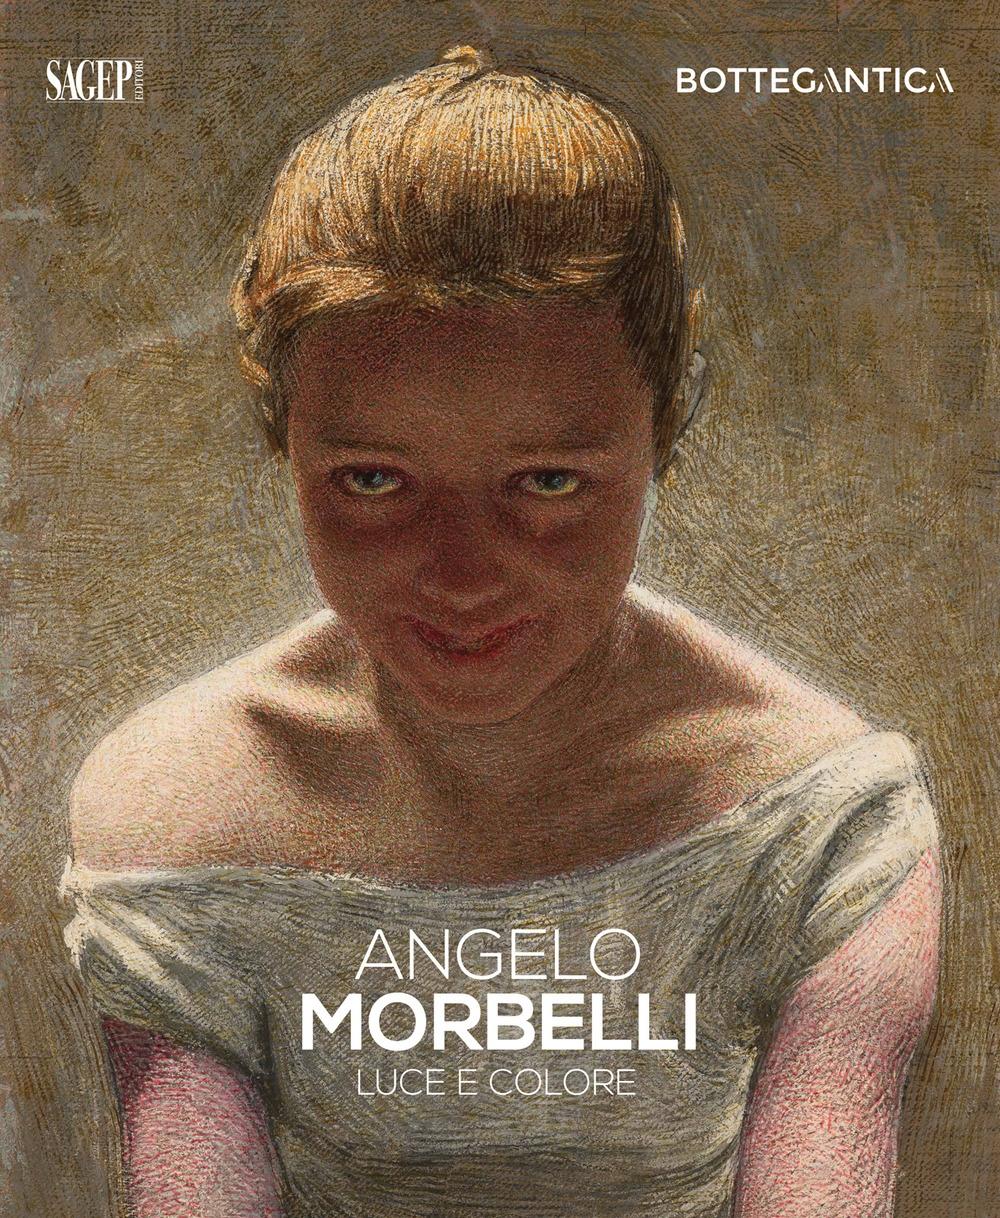 Angelo Morbelli. Luce e colore.